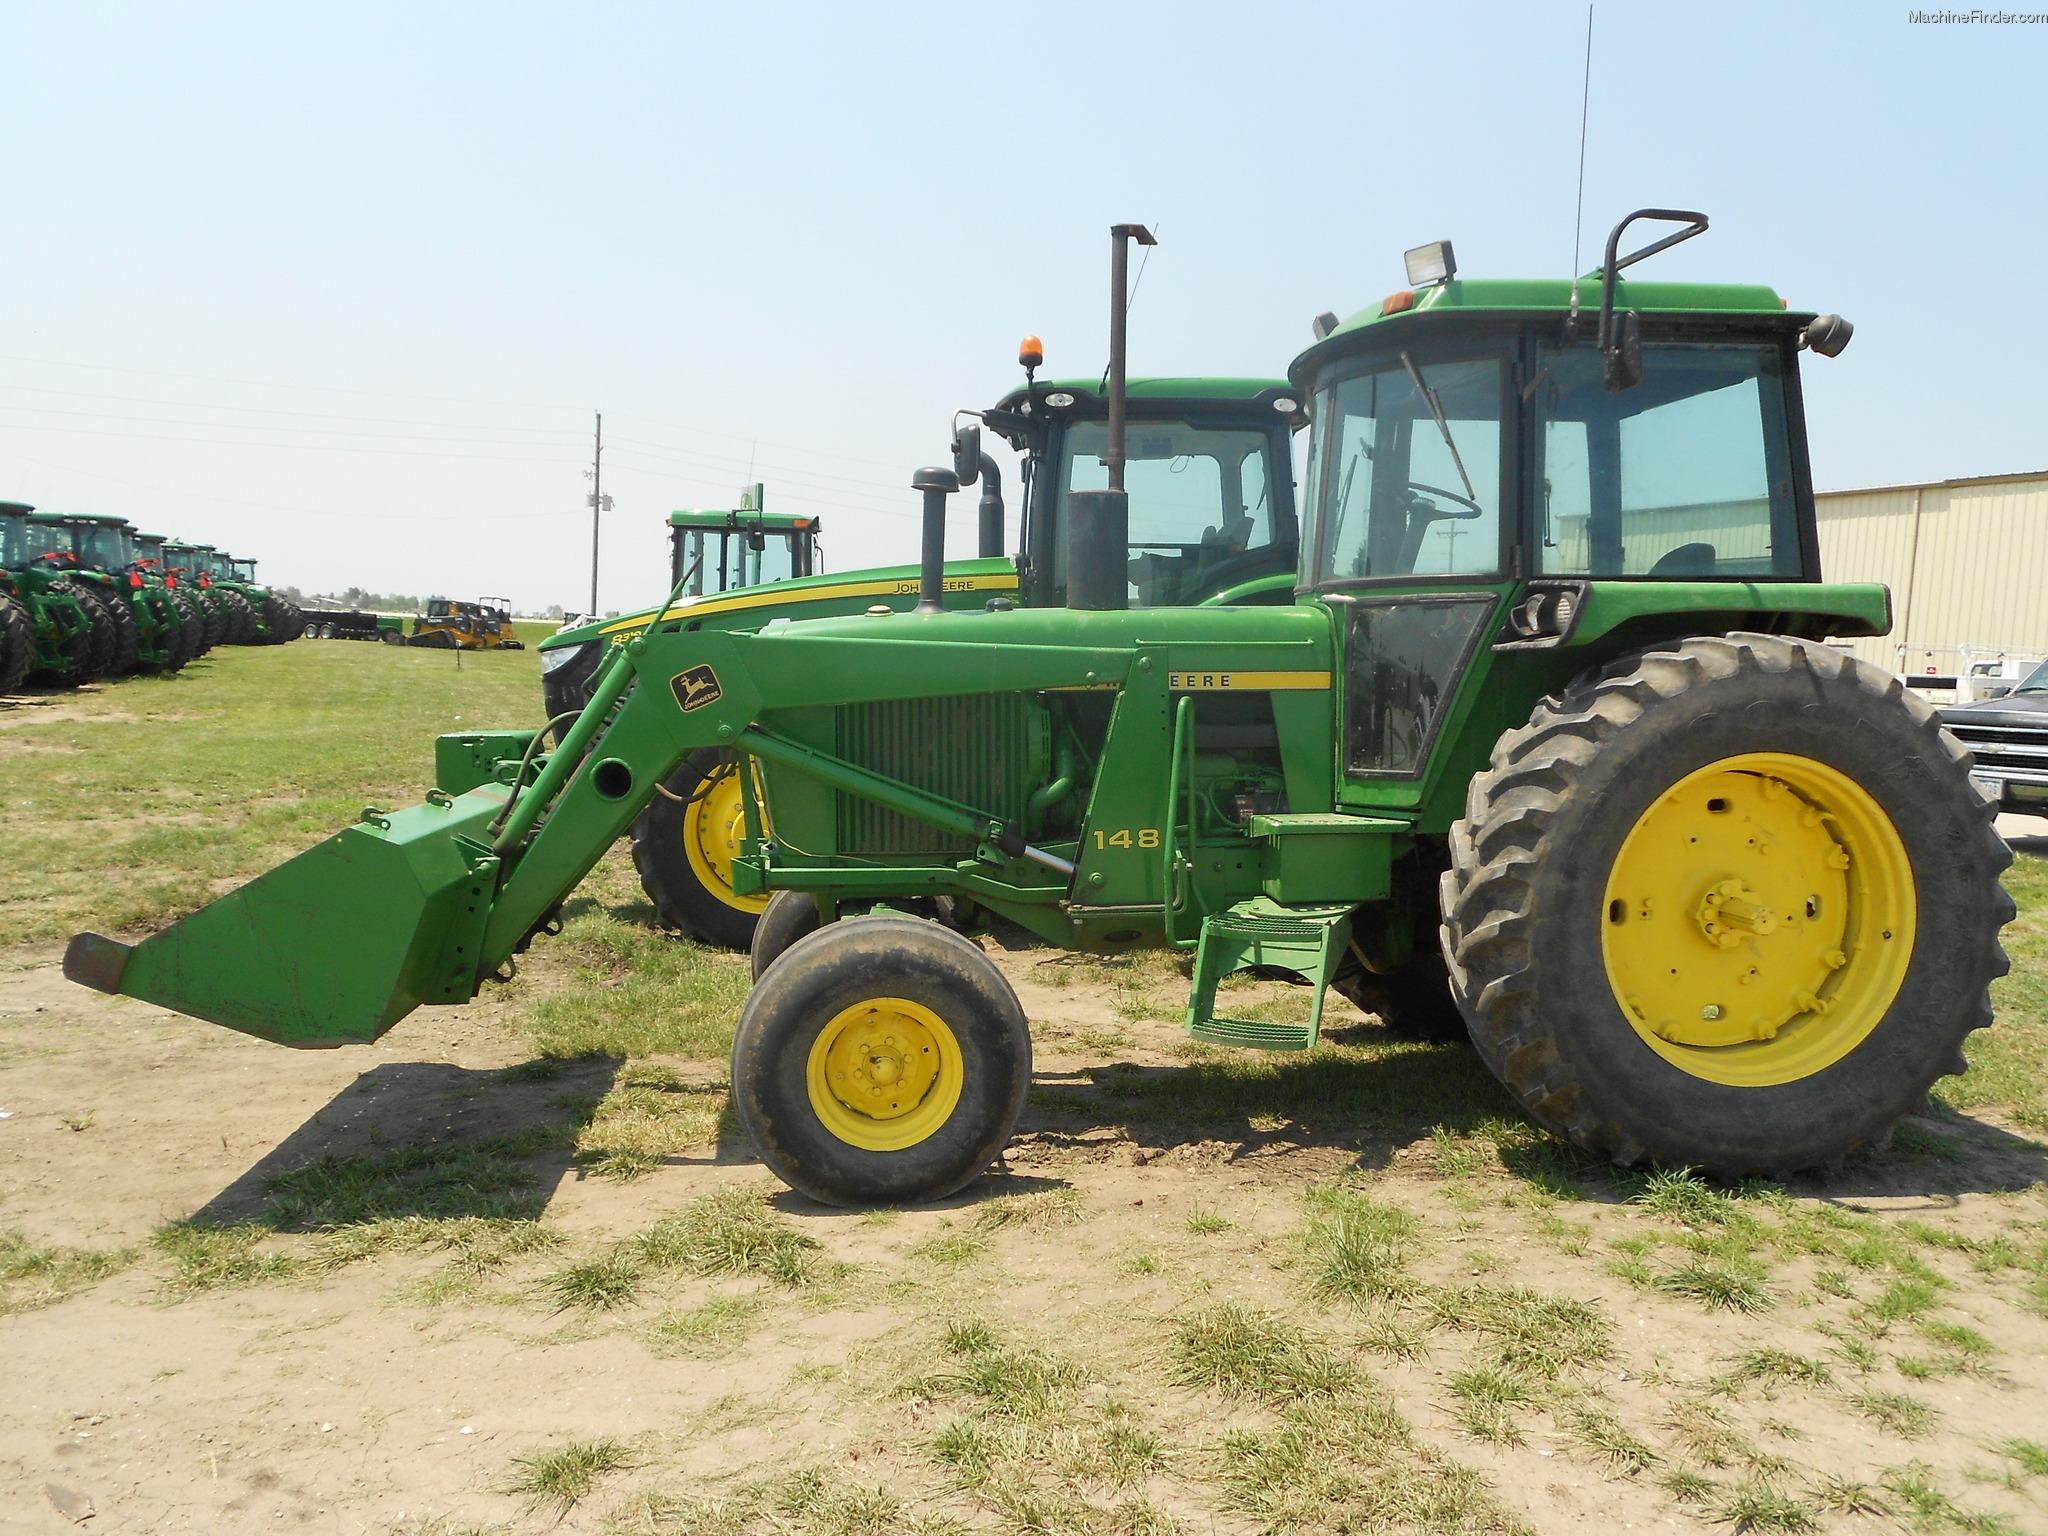 1973 John Deere 4230 Tractors - Row Crop   100hp